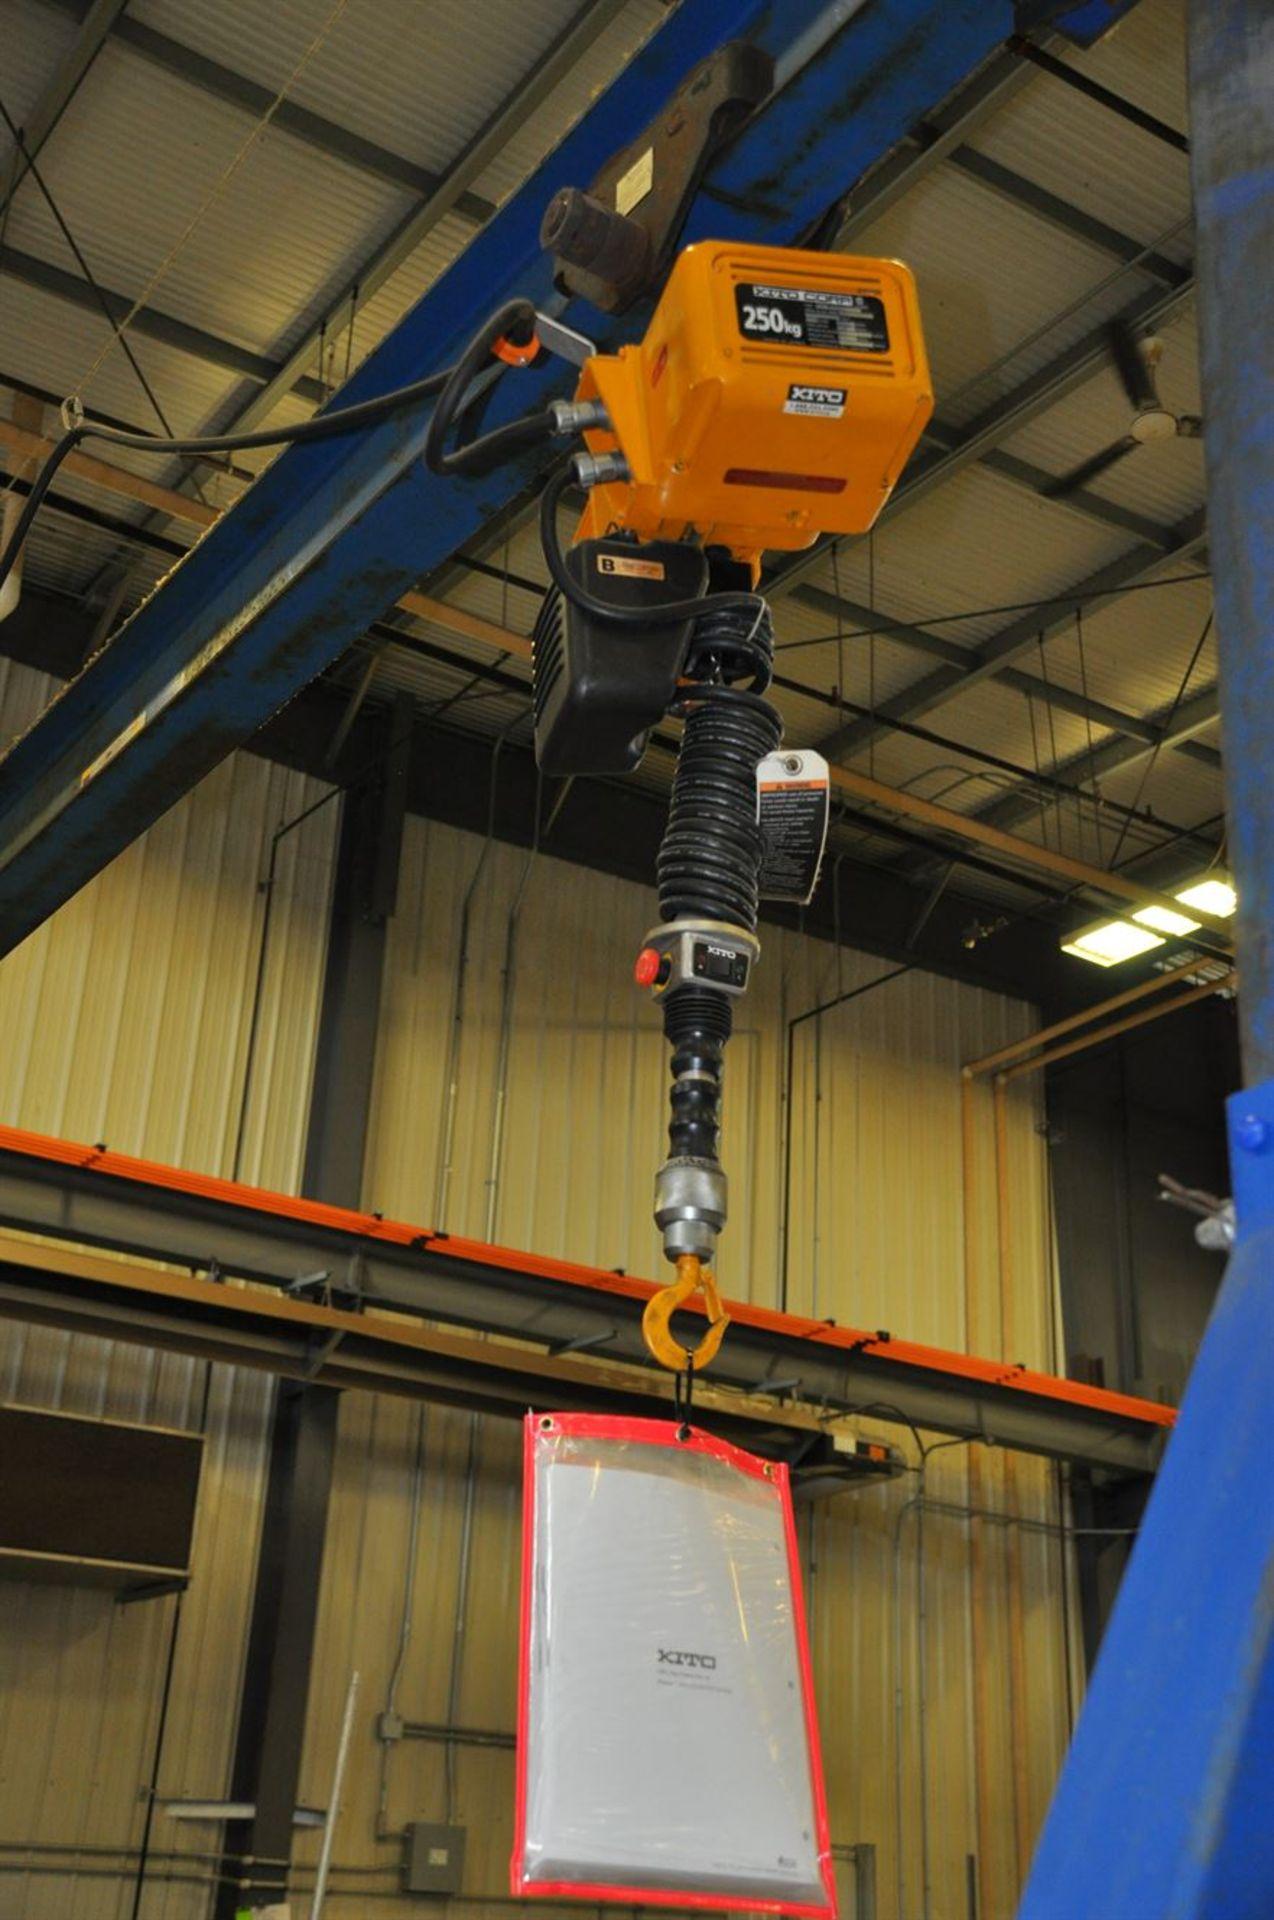 VESTIL 6000 lb Gantry Crane, adjustable height 200 to 400 cm, 420 cm wide base, w/ KITO 250 kg - Image 2 of 2